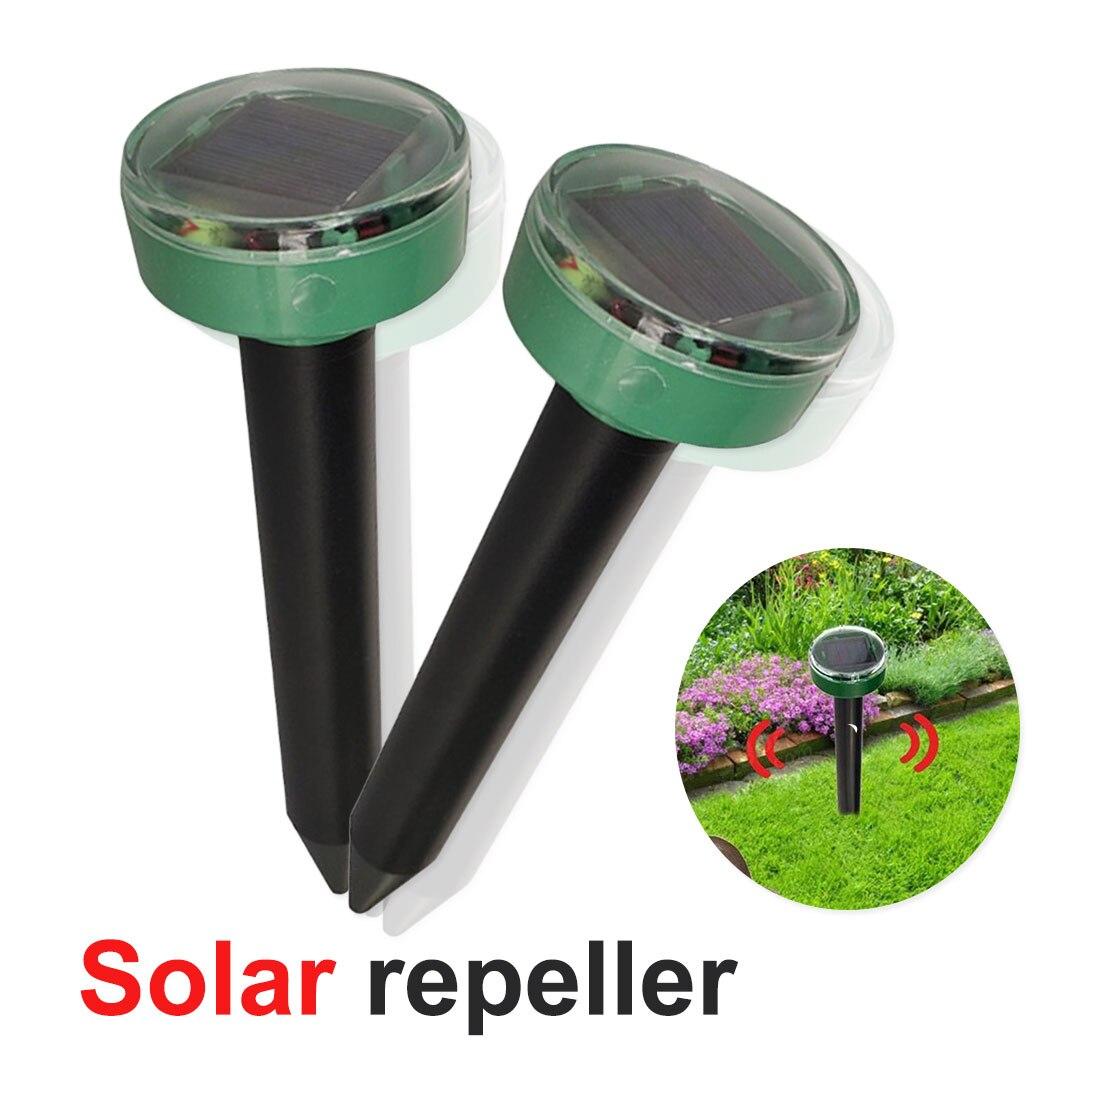 solar repeller main